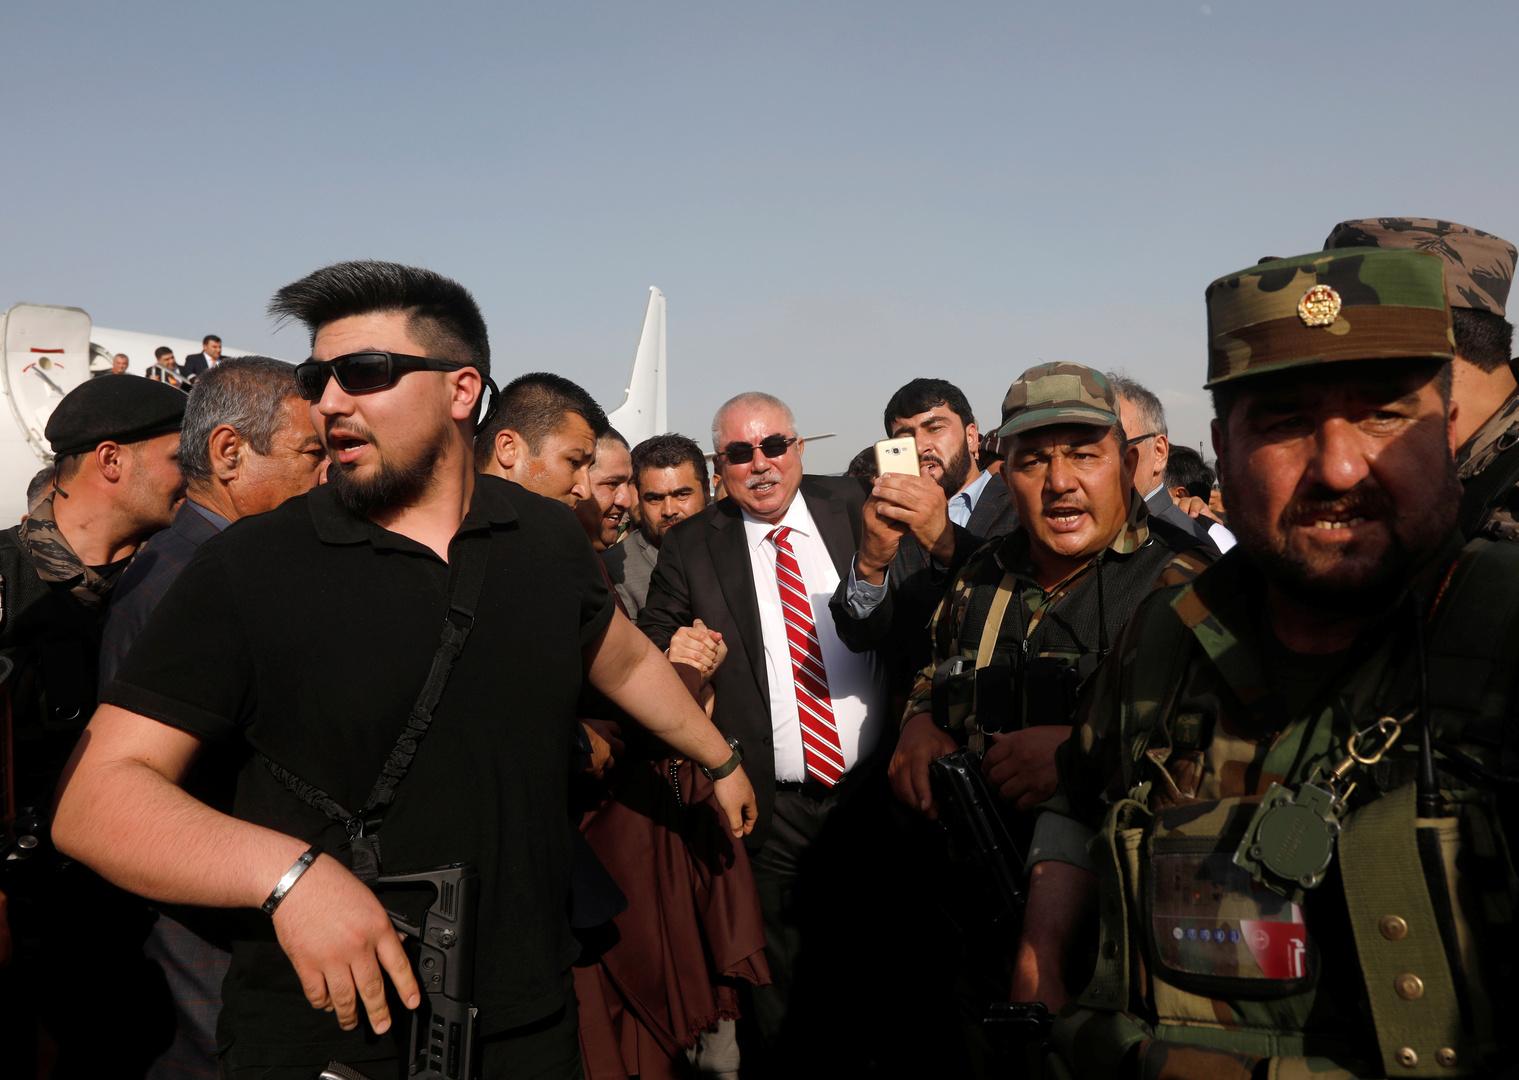 الرئيس الأفغاني يرقي أمير حرب سابقا متهما بارتكاب جرائم إلى أعلى رتبة في الجيش